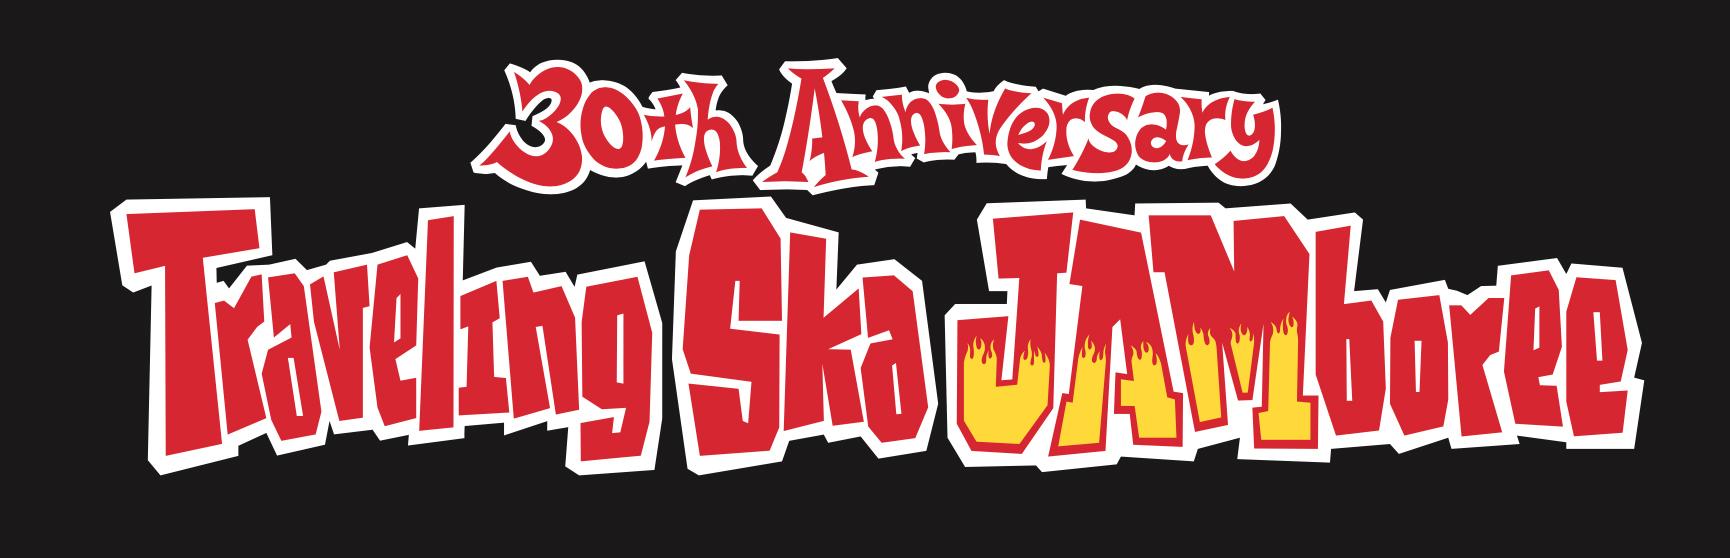 """東京スカパラダイスオーケストラ """"Traveling Ska JAMboree"""" アーティストHP先行がスタート!"""